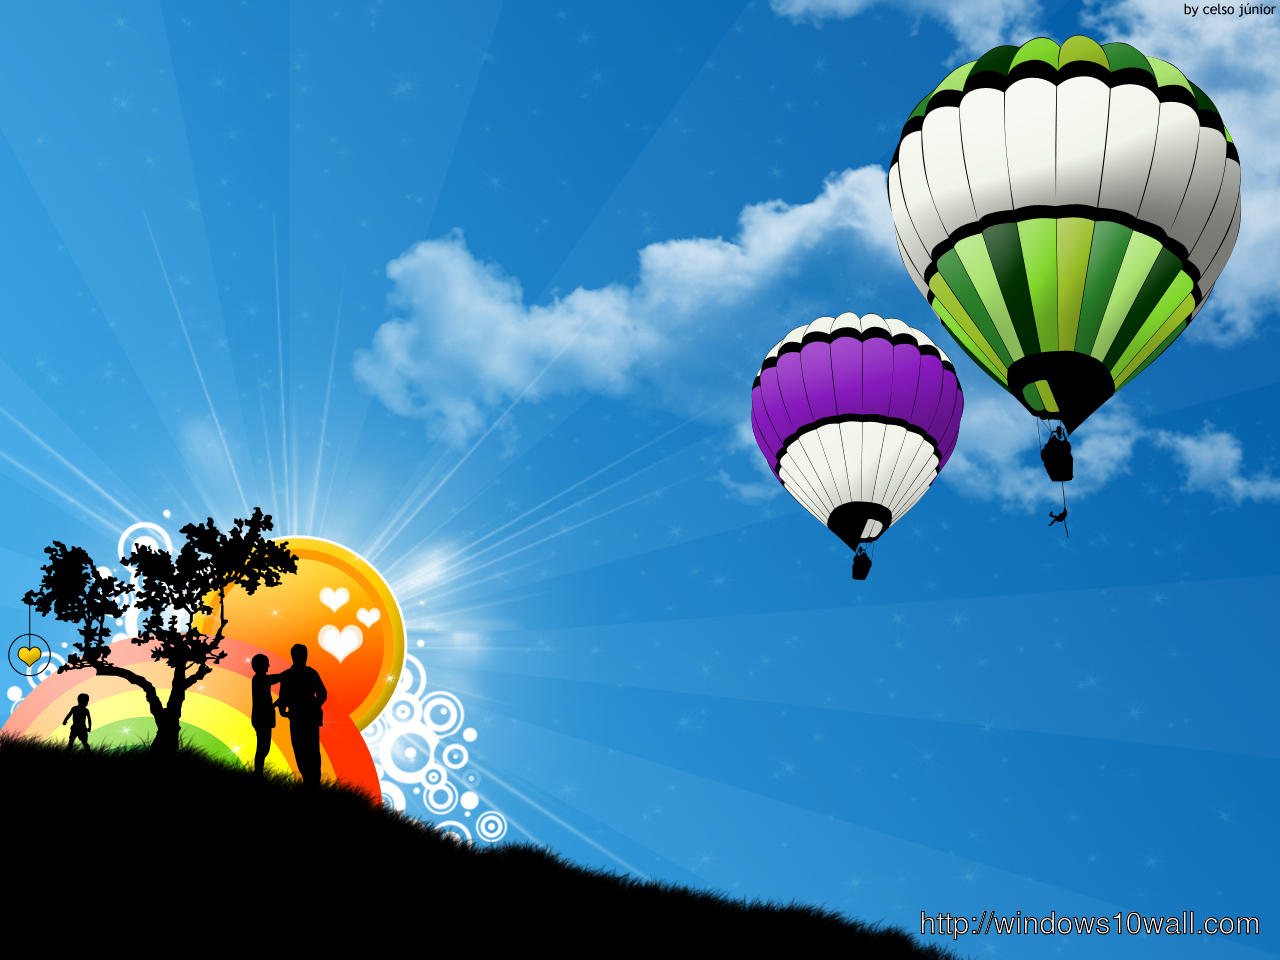 Balloons Abstract Sun Desktop Hd Wallpaper Windows 10